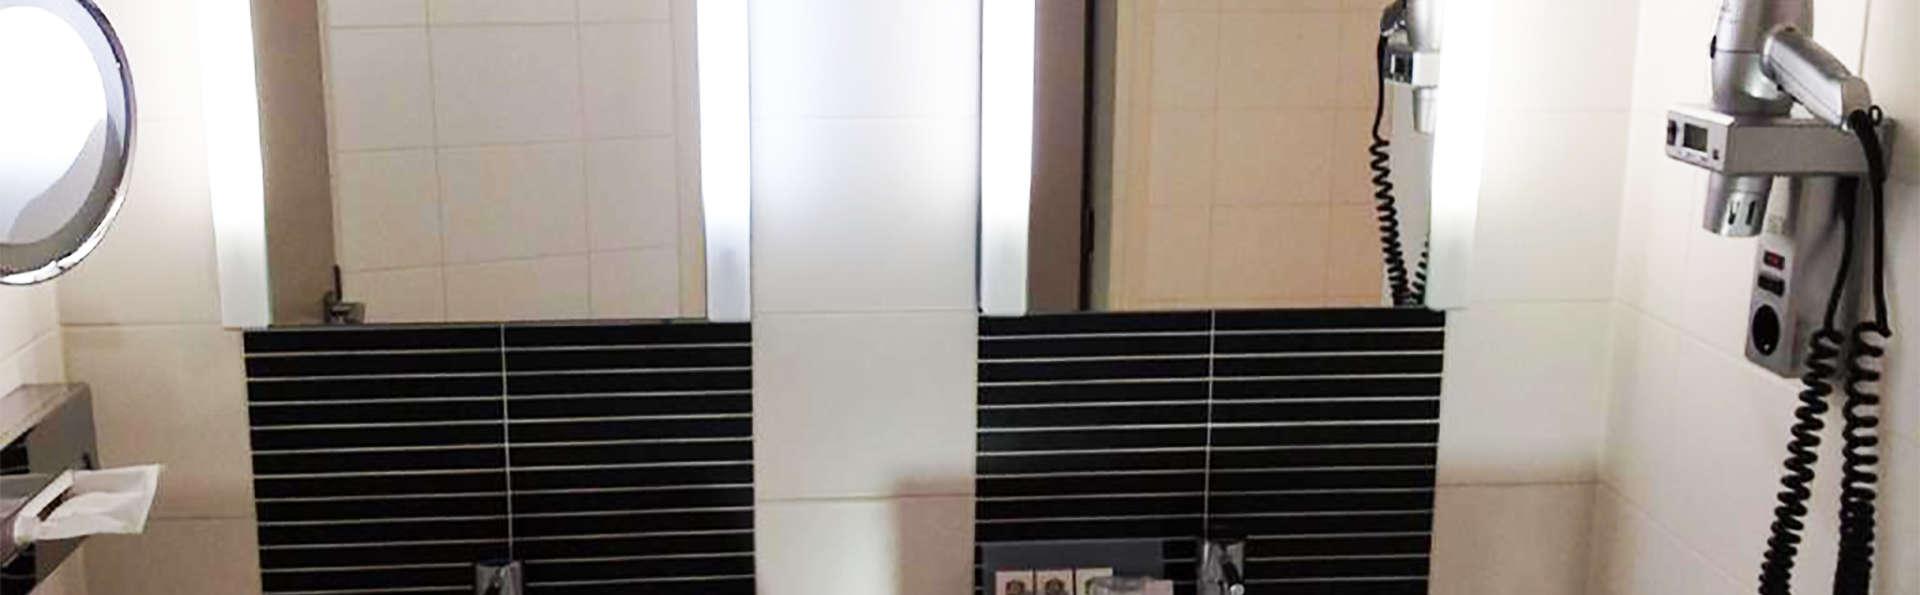 Best Western Hotel Baars - EDIT_bath.jpg